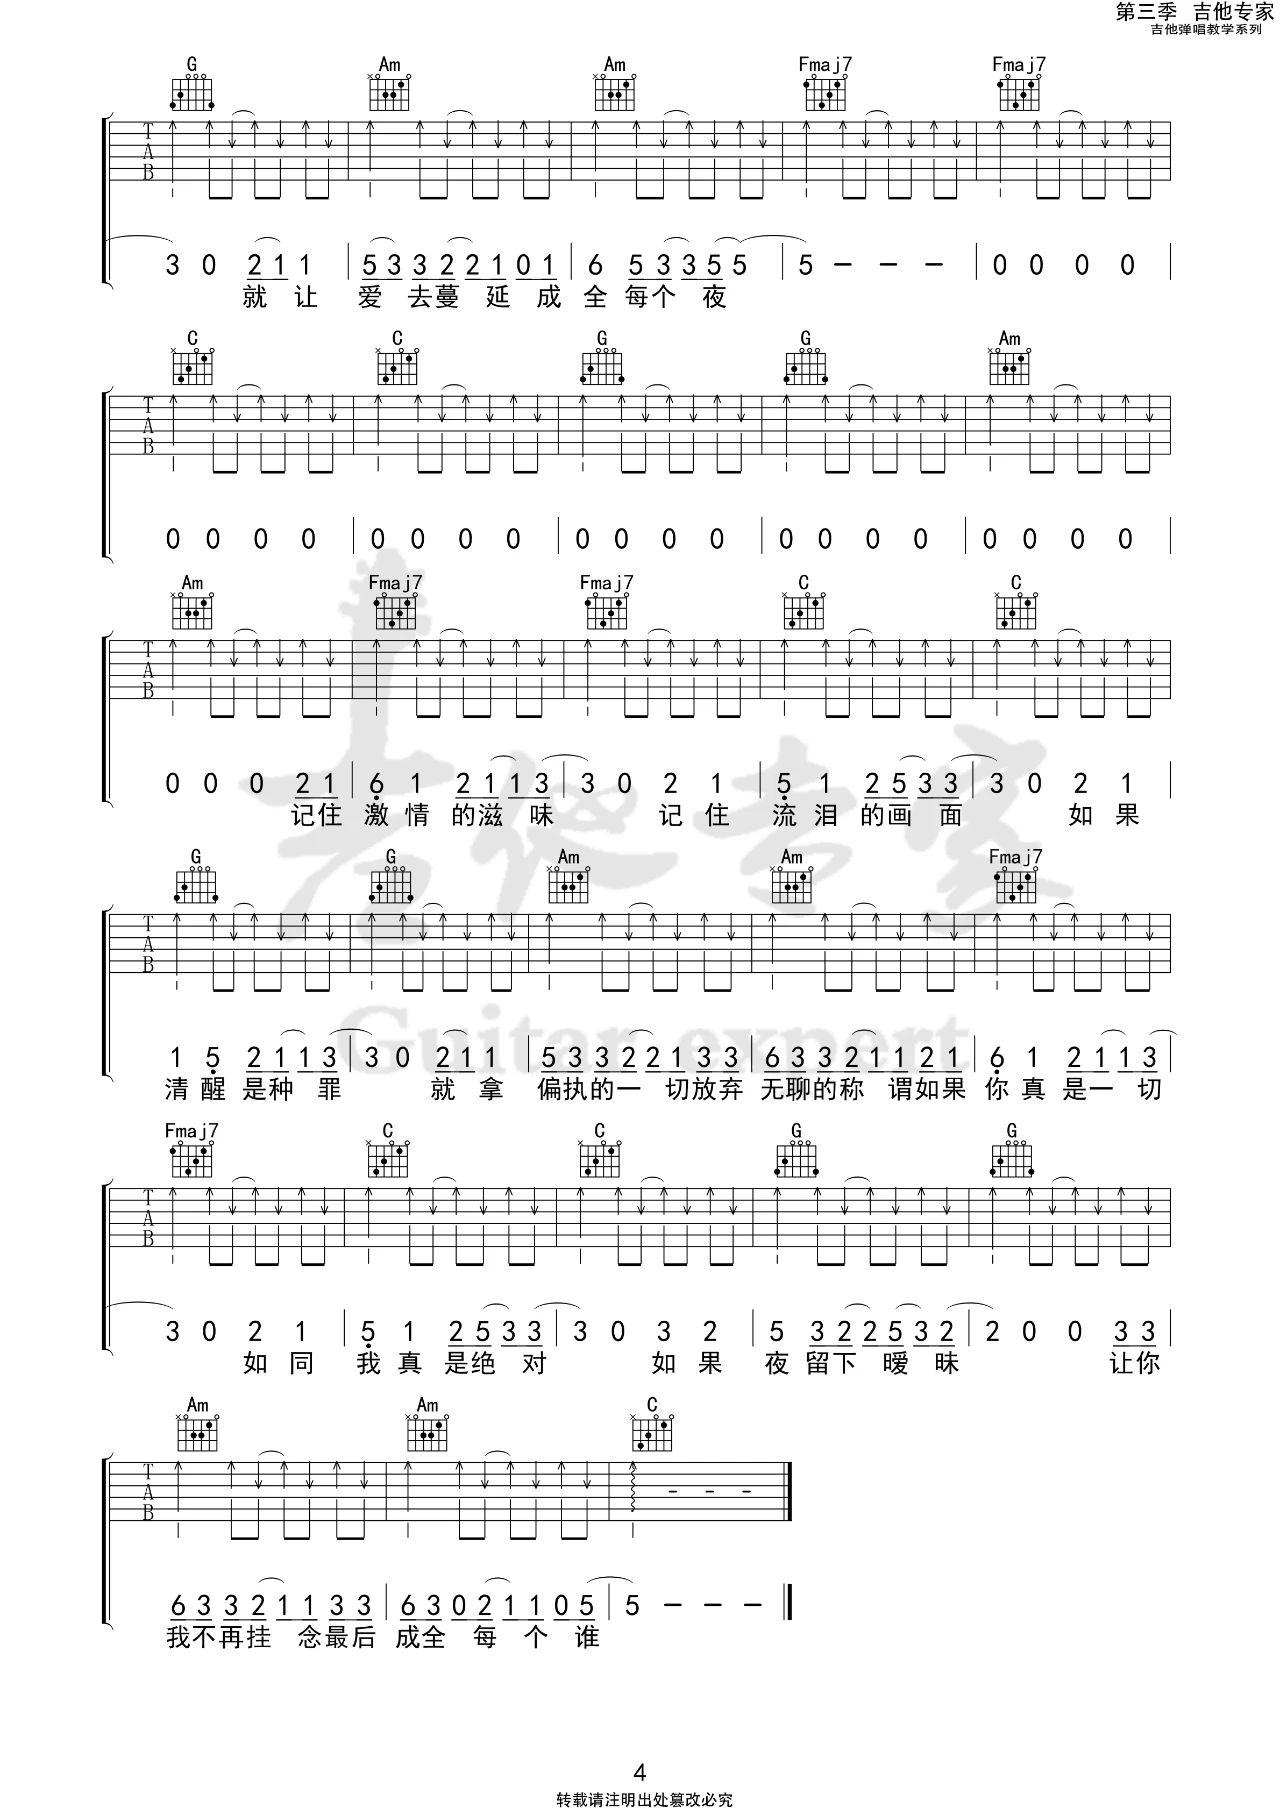 吉他派《带我去找夜生活》吉他谱-4